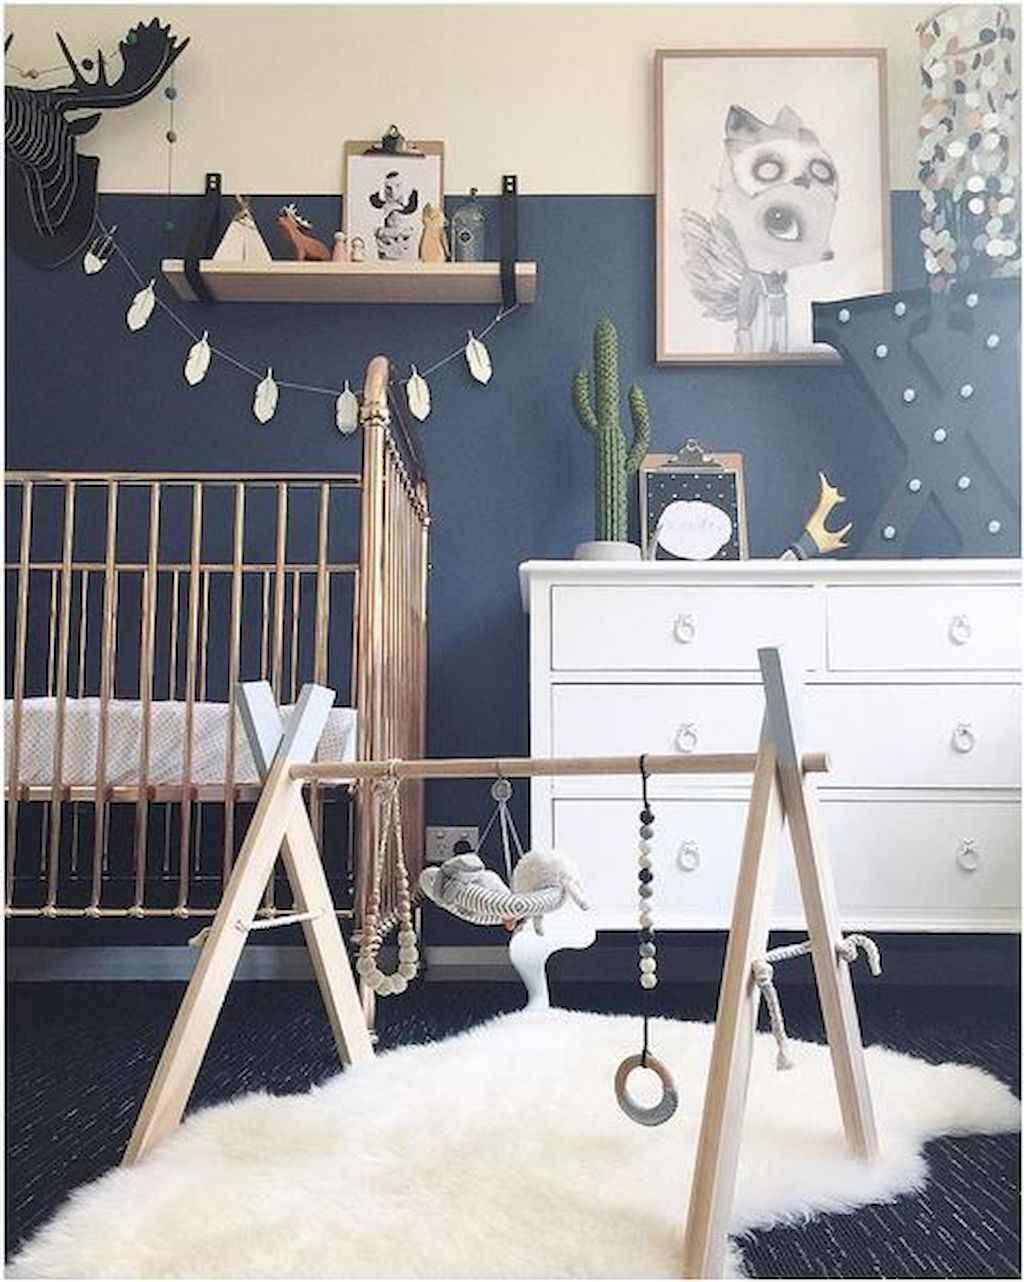 Simply decor baby nursery (24)